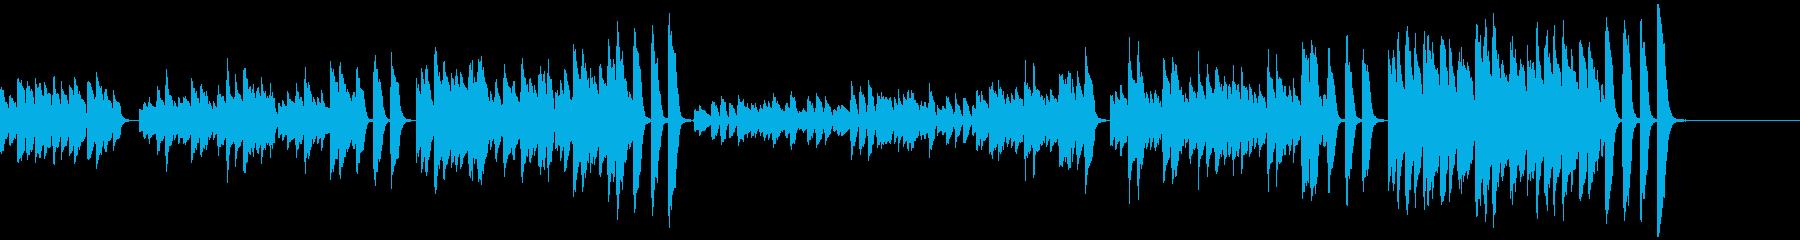 3分クッキングの原曲(ピアノソロ)の再生済みの波形